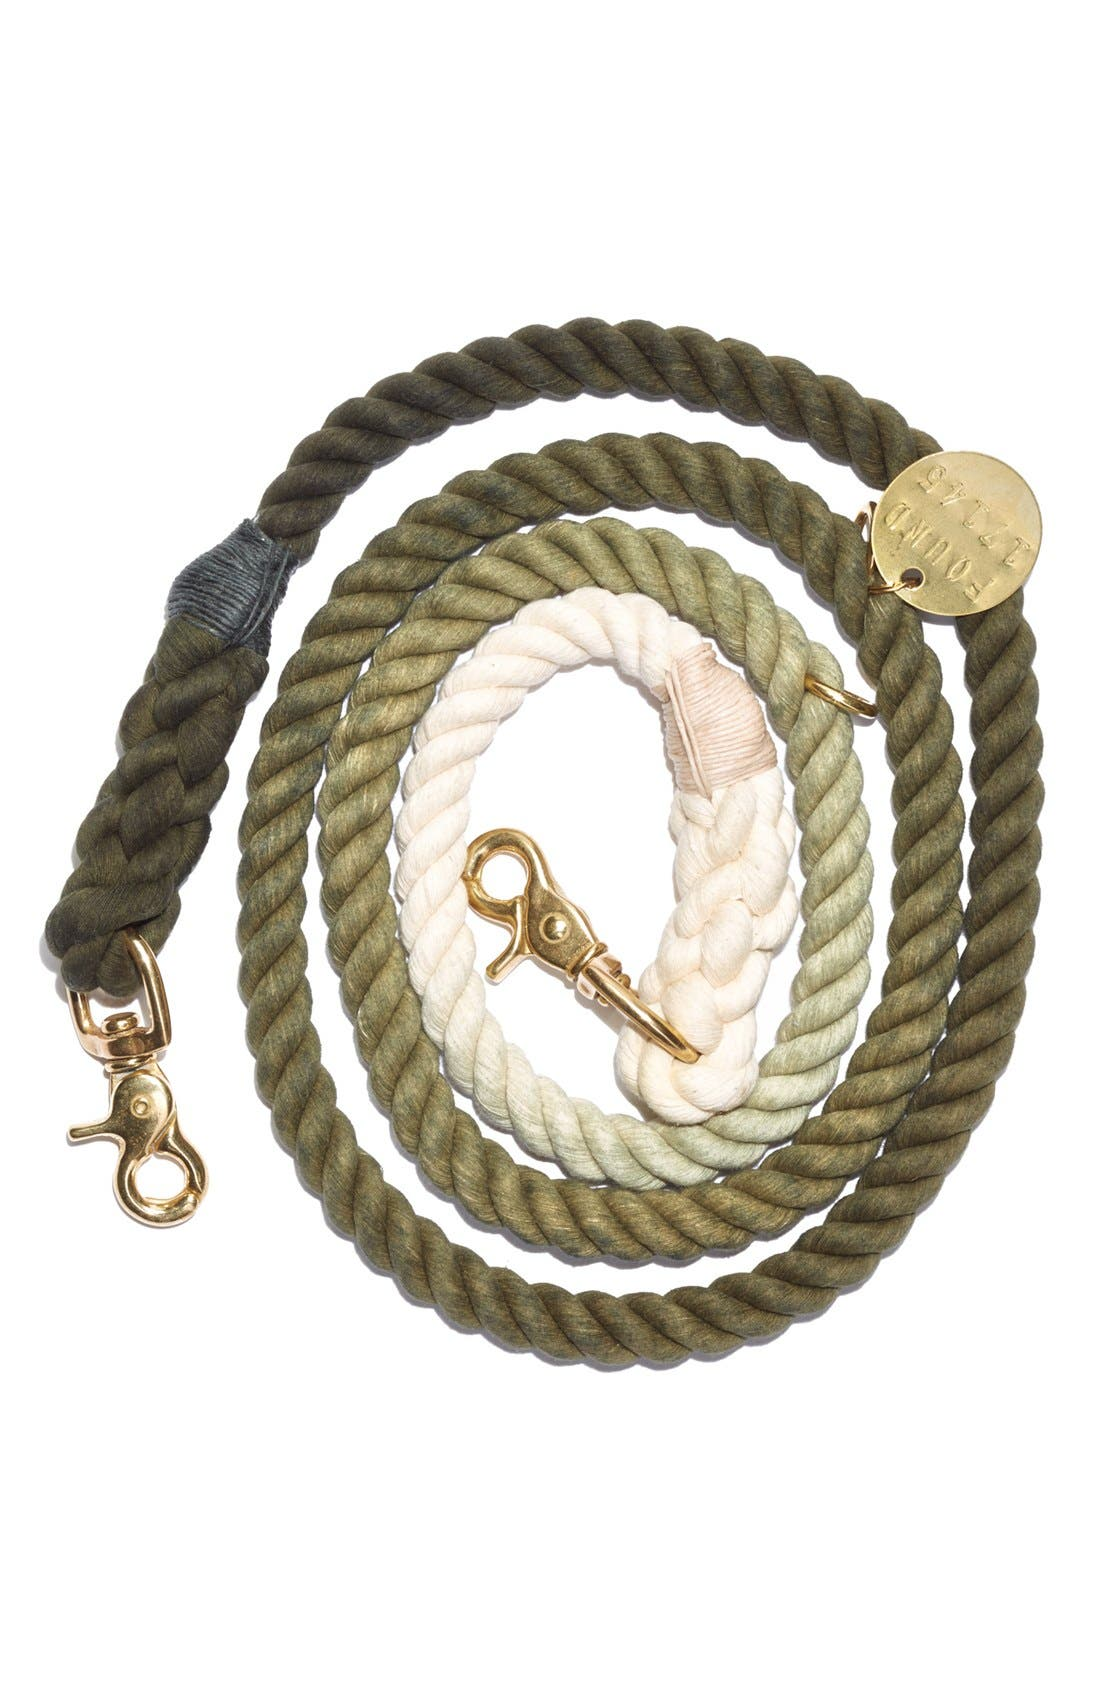 Adjustable Ombré Pet Leash,                         Main,                         color, Olive Ombre